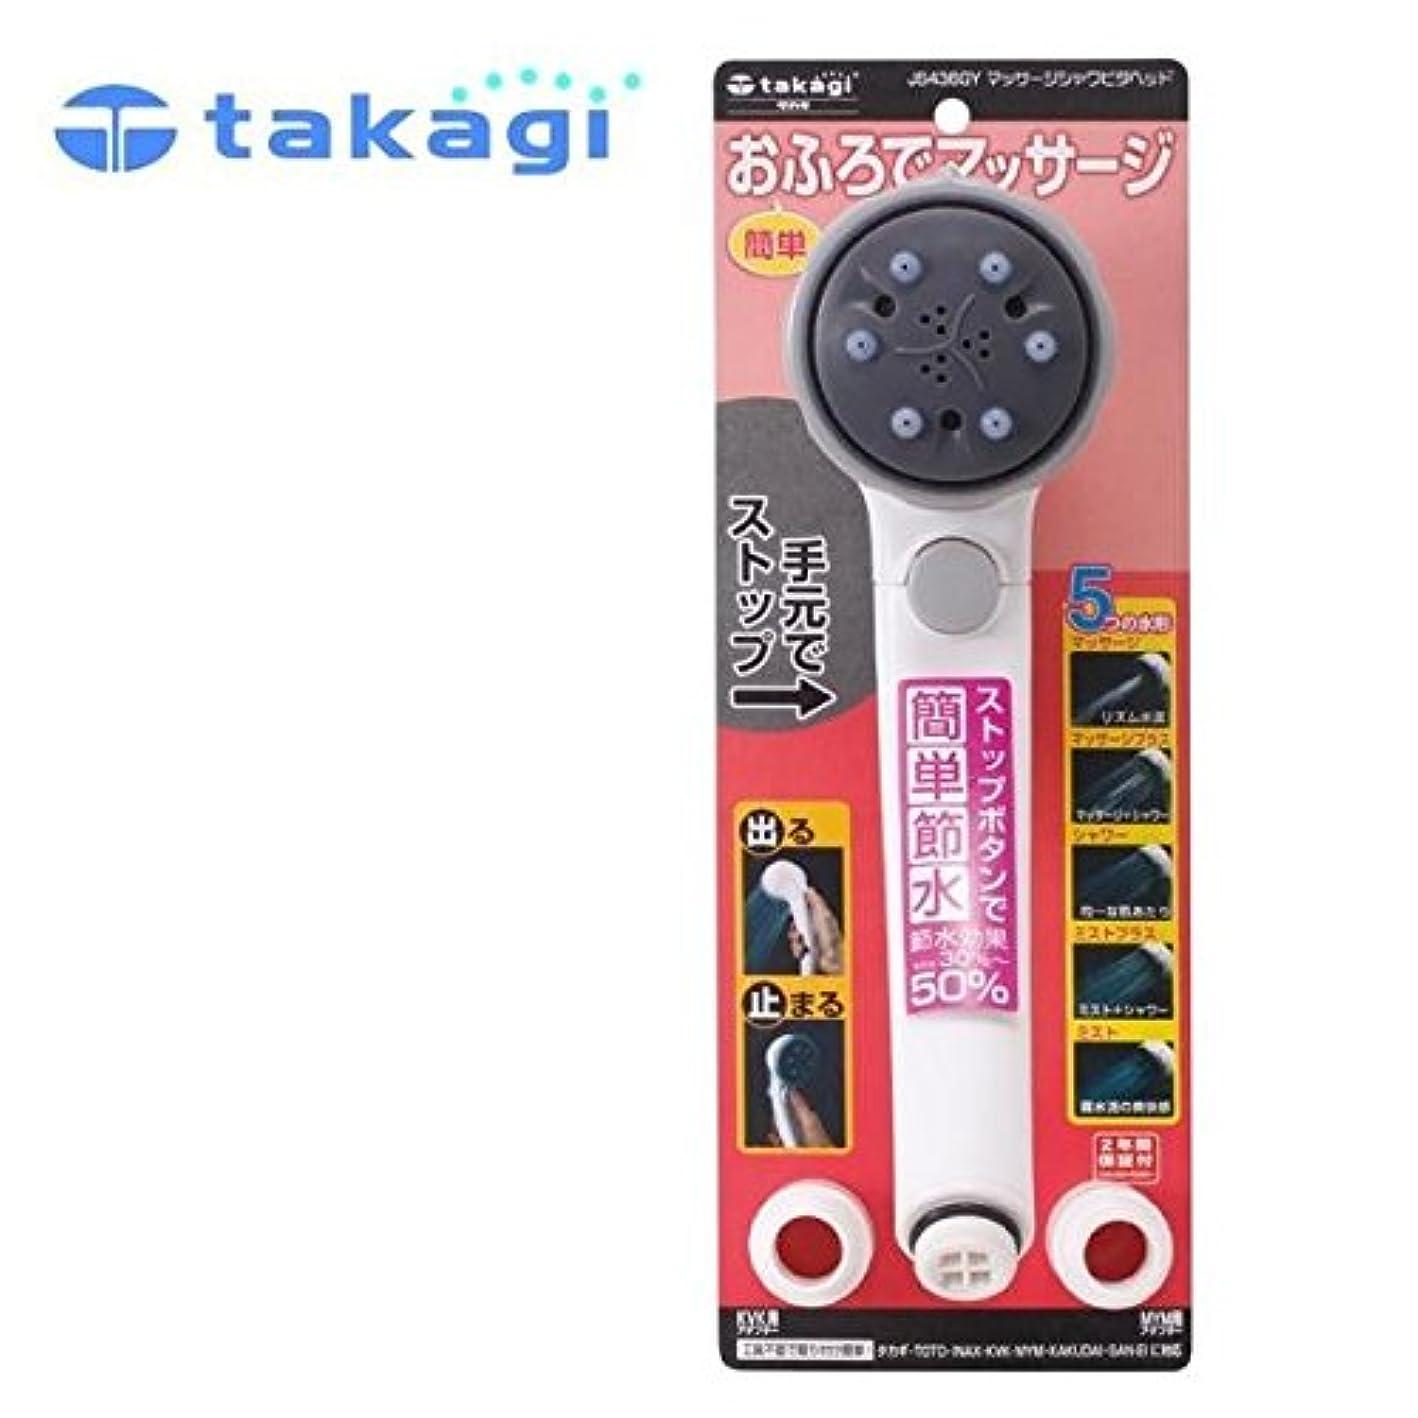 災害つらい退屈takagi タカギ 浴室用シャワーヘッド マッサージシャワピタヘッド【同梱?代引不可】